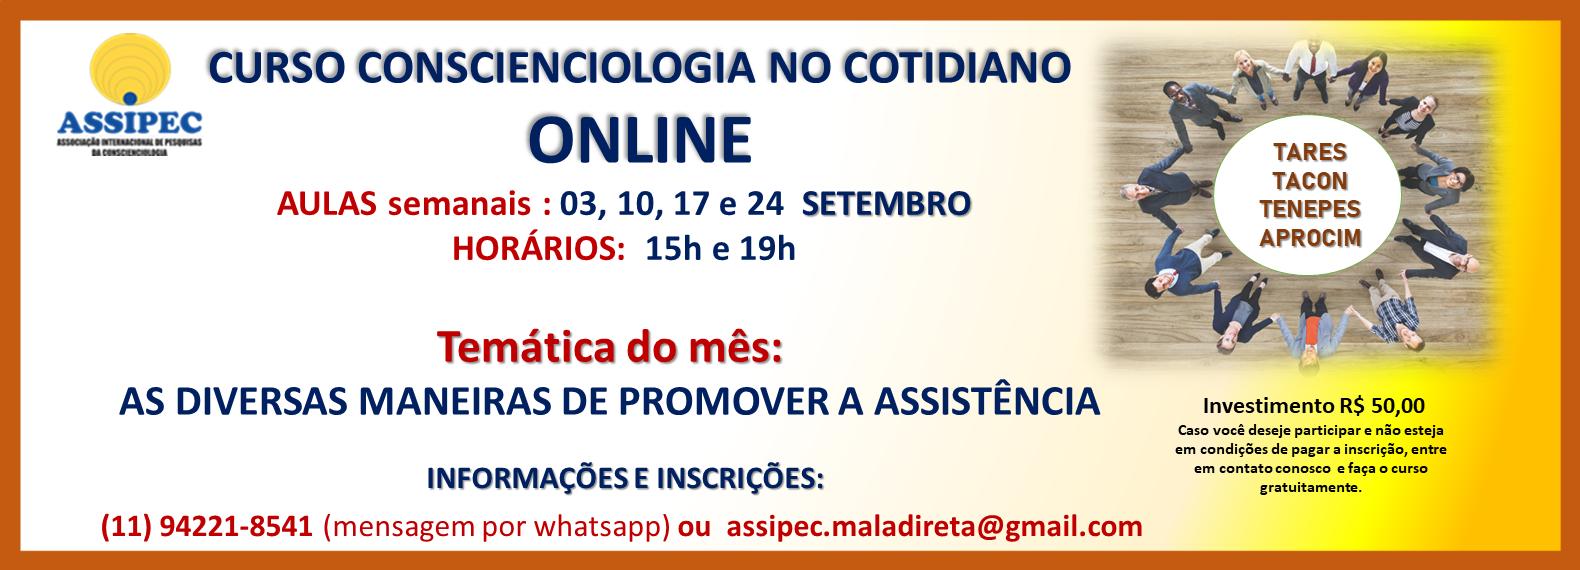 site CCIOLOGIA COTIDIANO SETEMBRO ONLINE